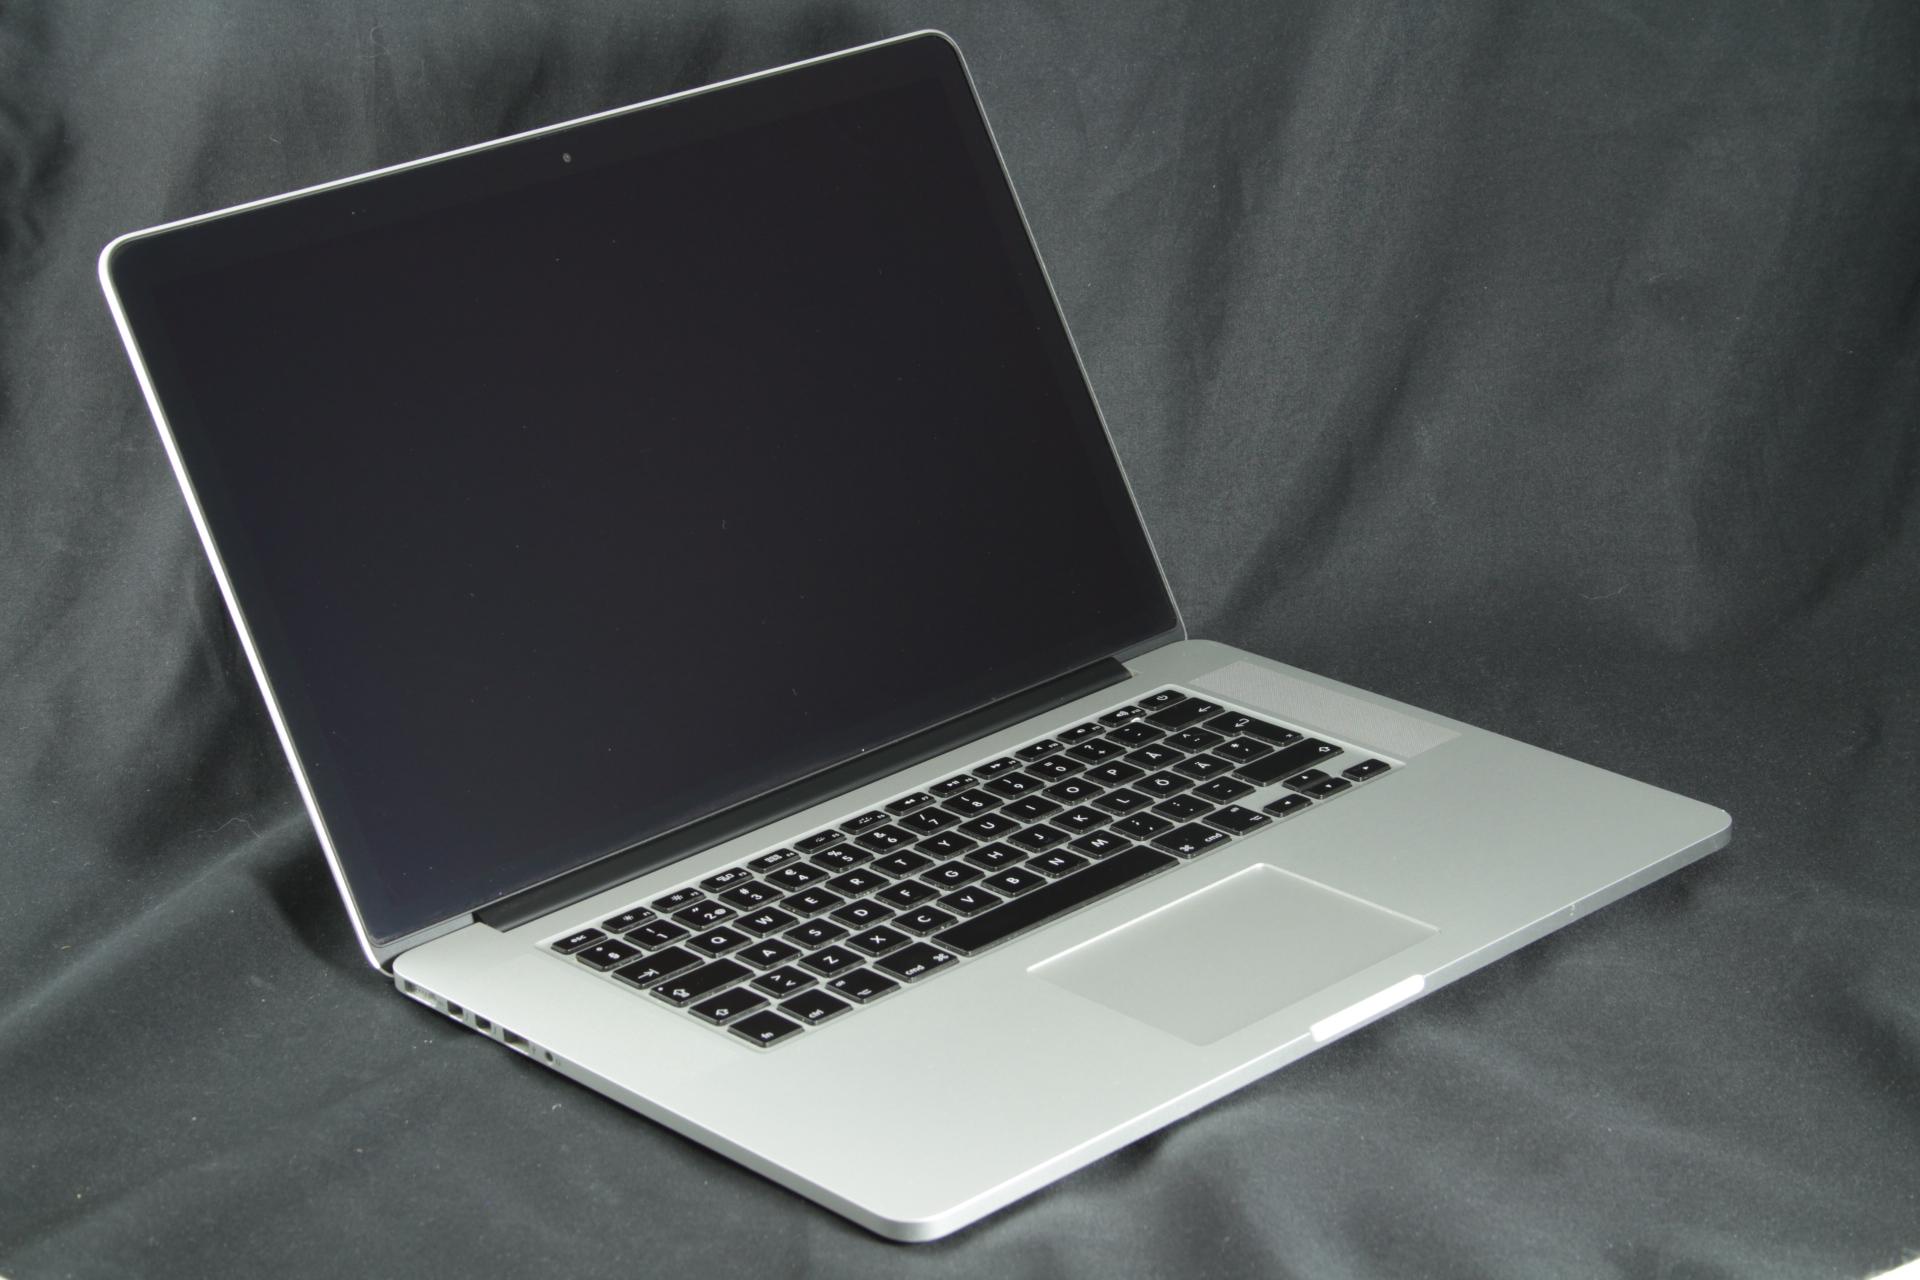 Käytetty Macbook Pro